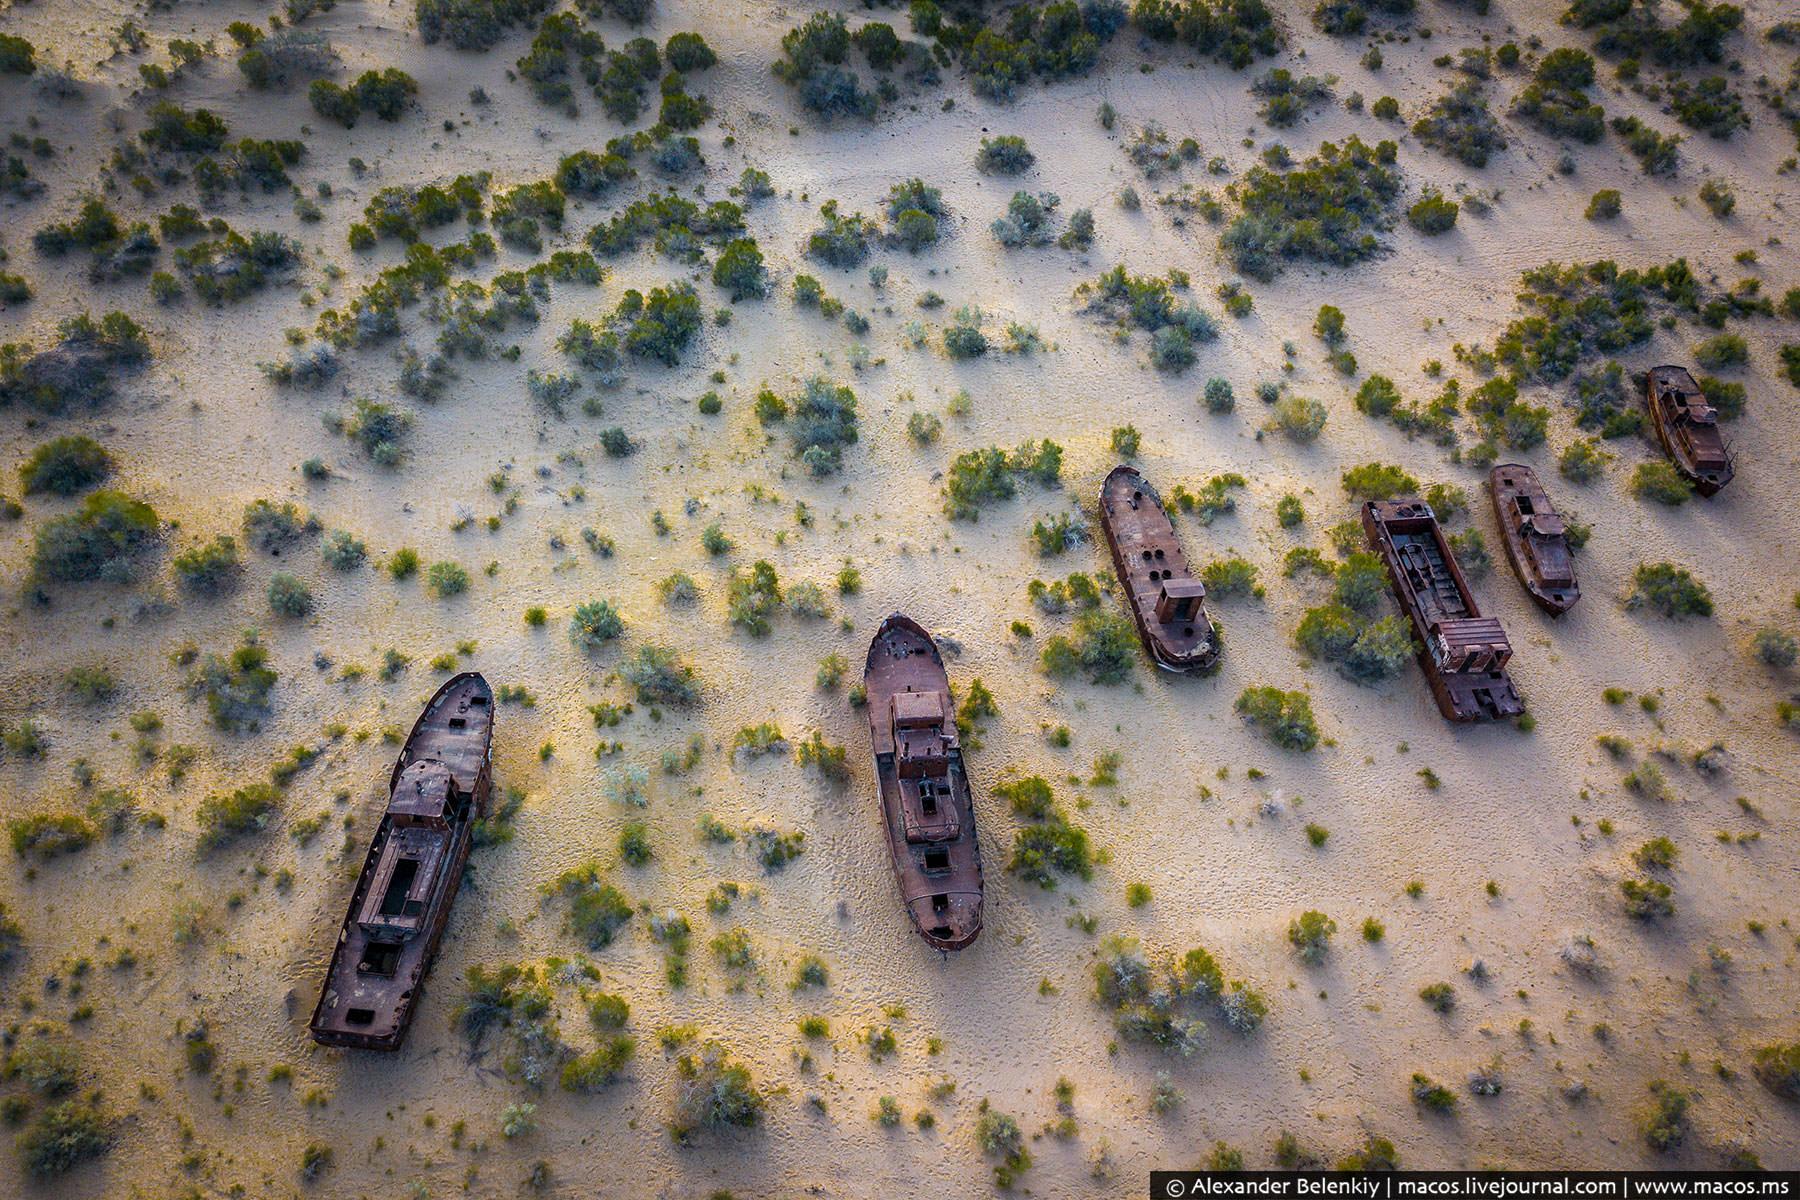 Подонки и жертвы Аральского моря. Как живут на месте катастрофы